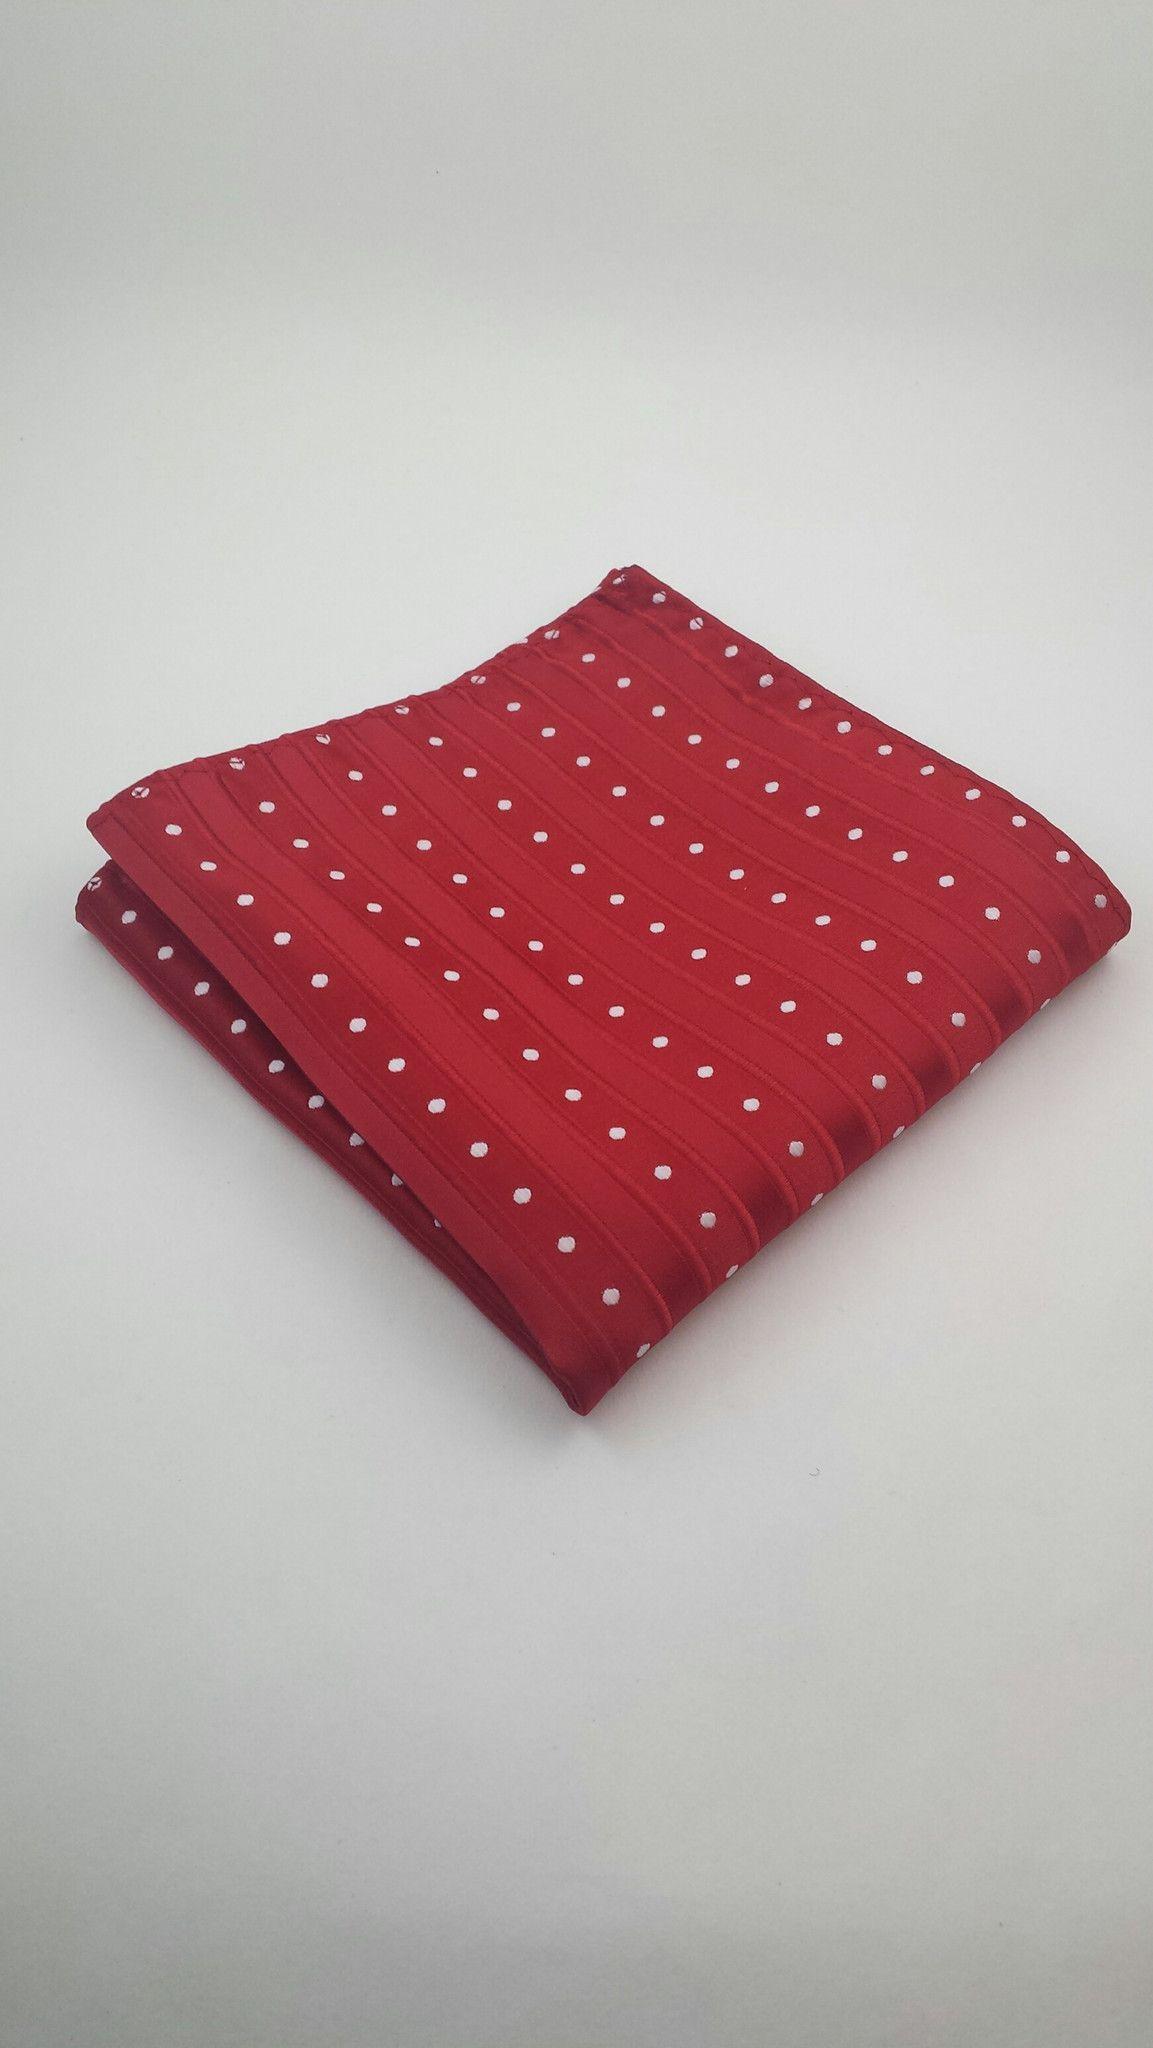 Red & White Pocket Square